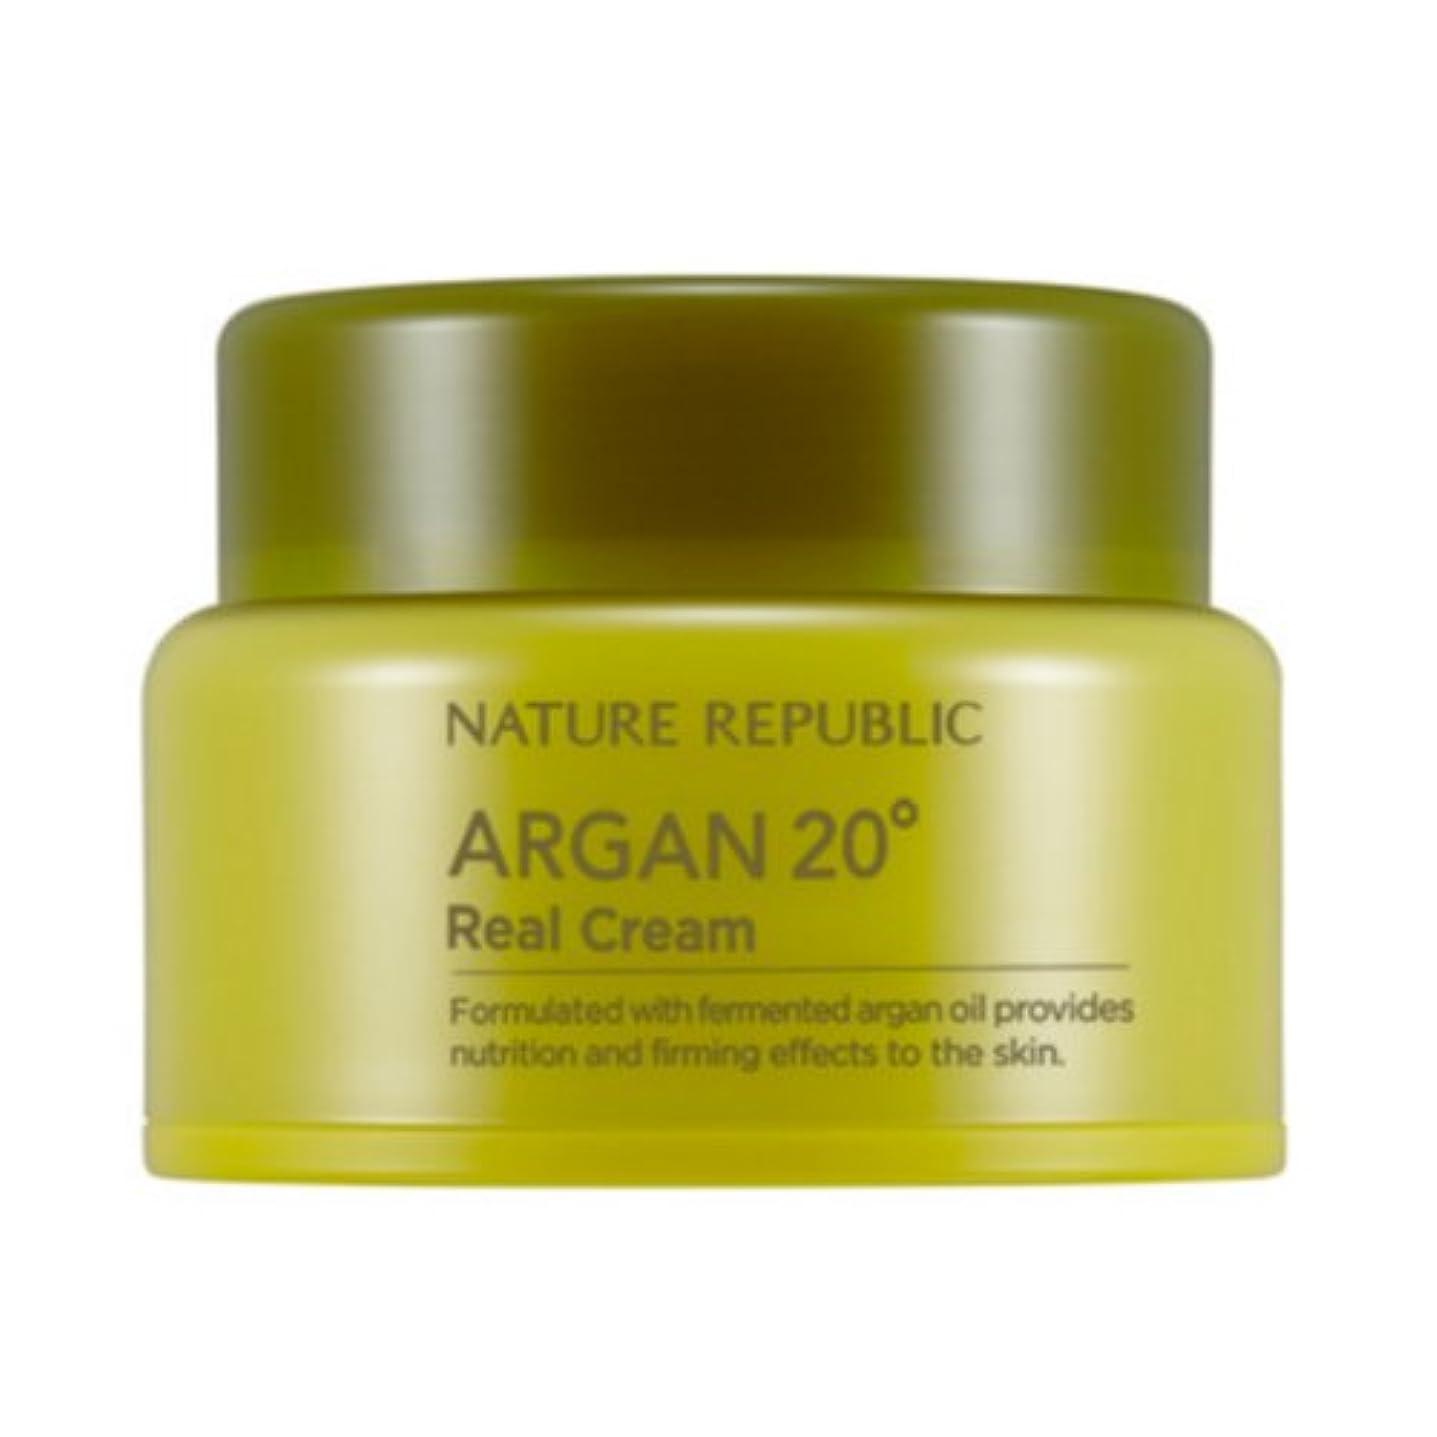 懐確執閲覧する[ネイチャーリパブリック] Nature republicアルガン20ºリアルクリーム海外直送品(Argan20ºReal Cream) [並行輸入品]